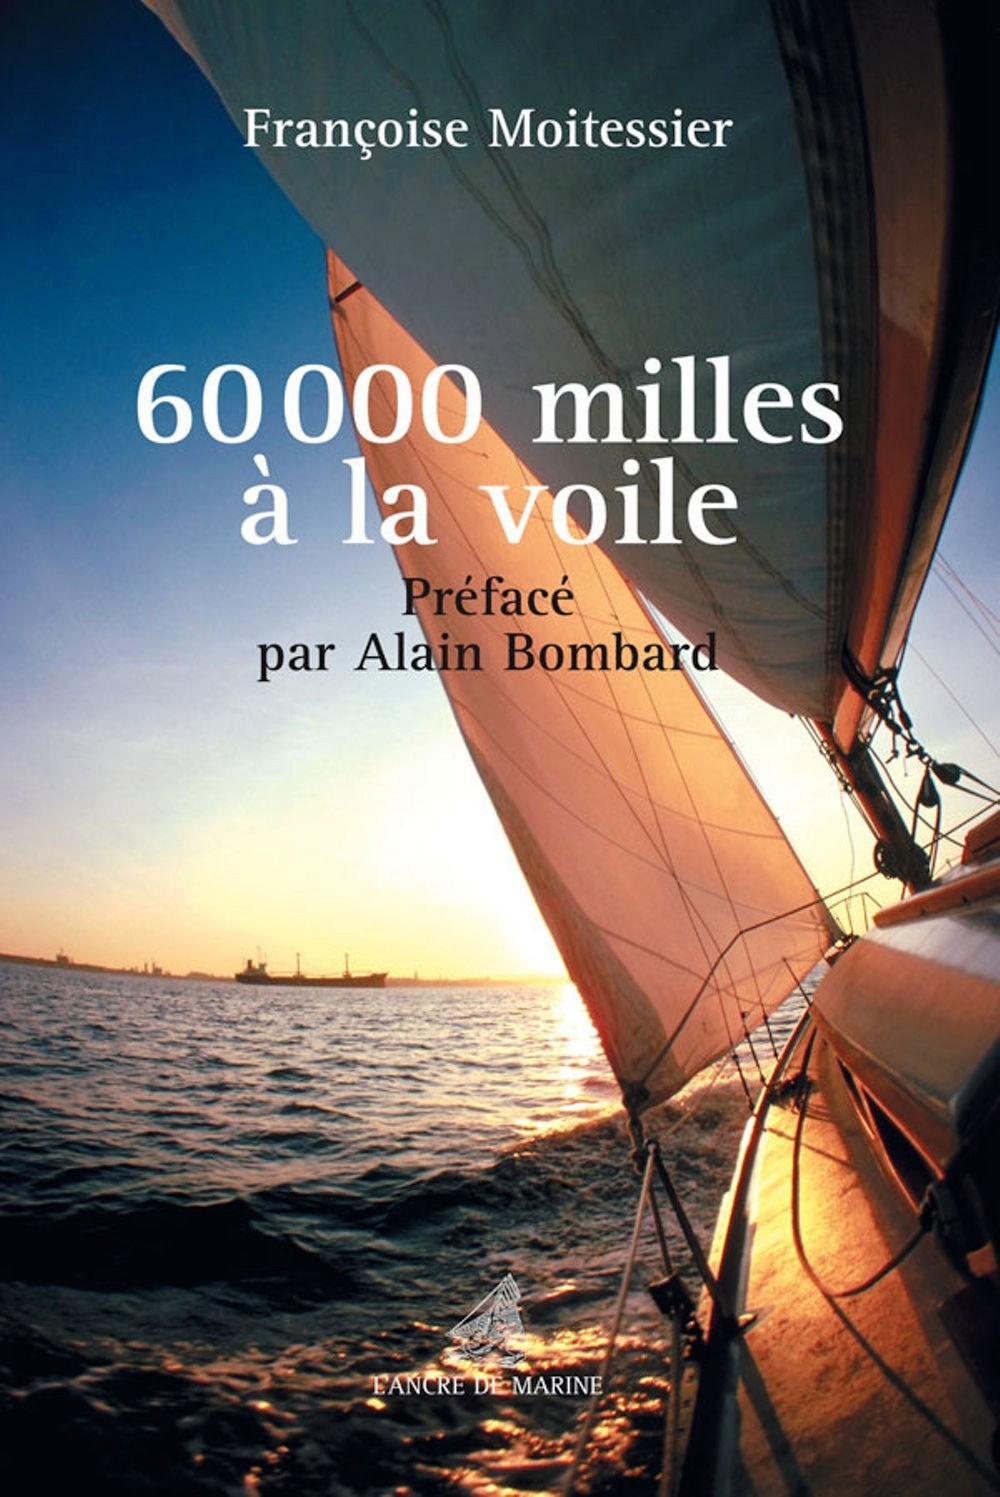 Françoise Moitessier - 60000 milésimas a la voile por Françoise Moitessier